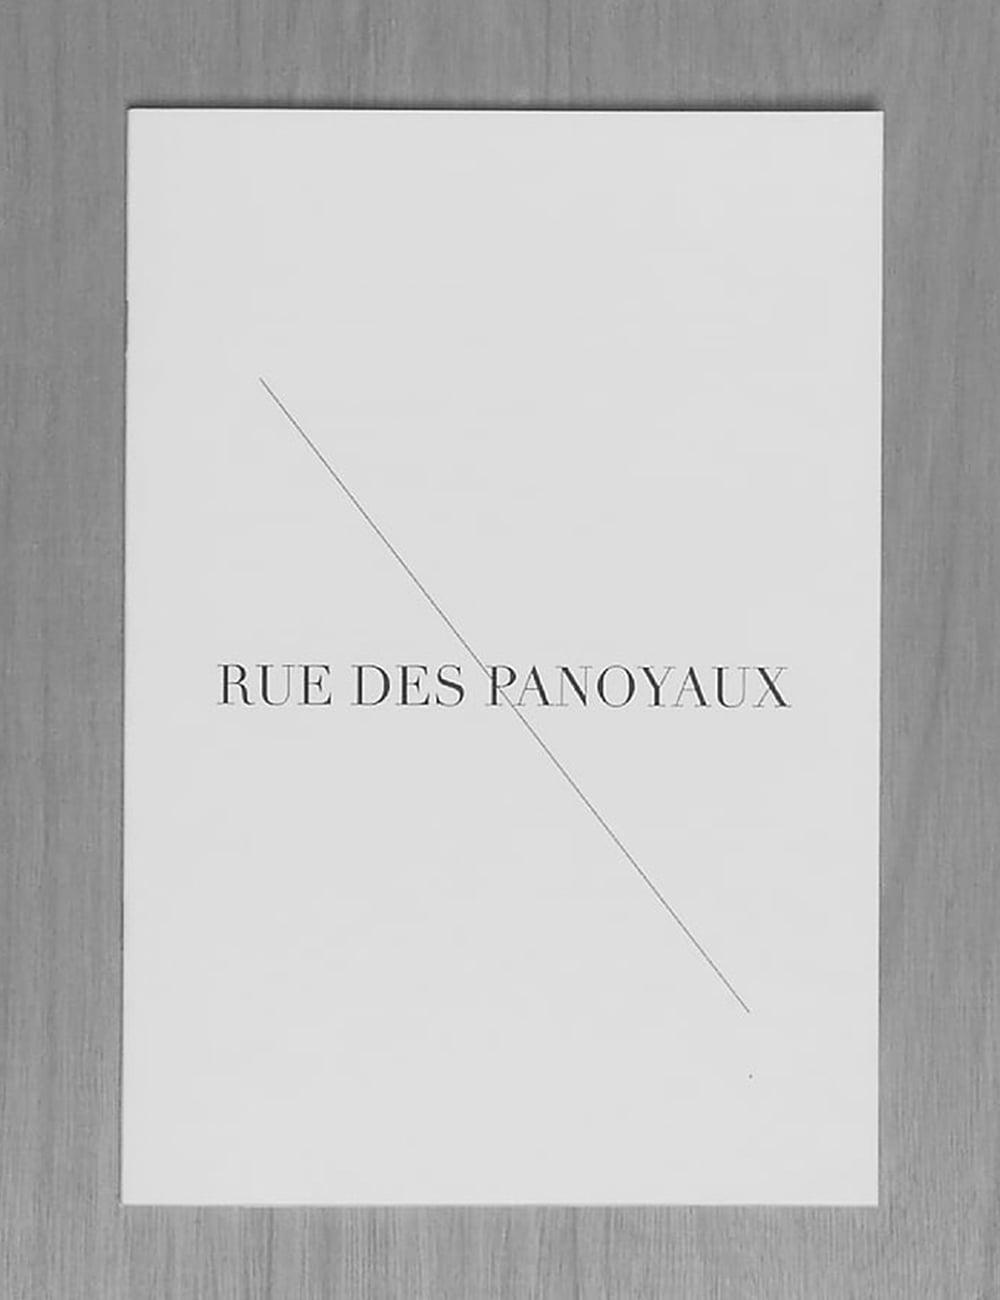 Rue des Panoyaux Copy